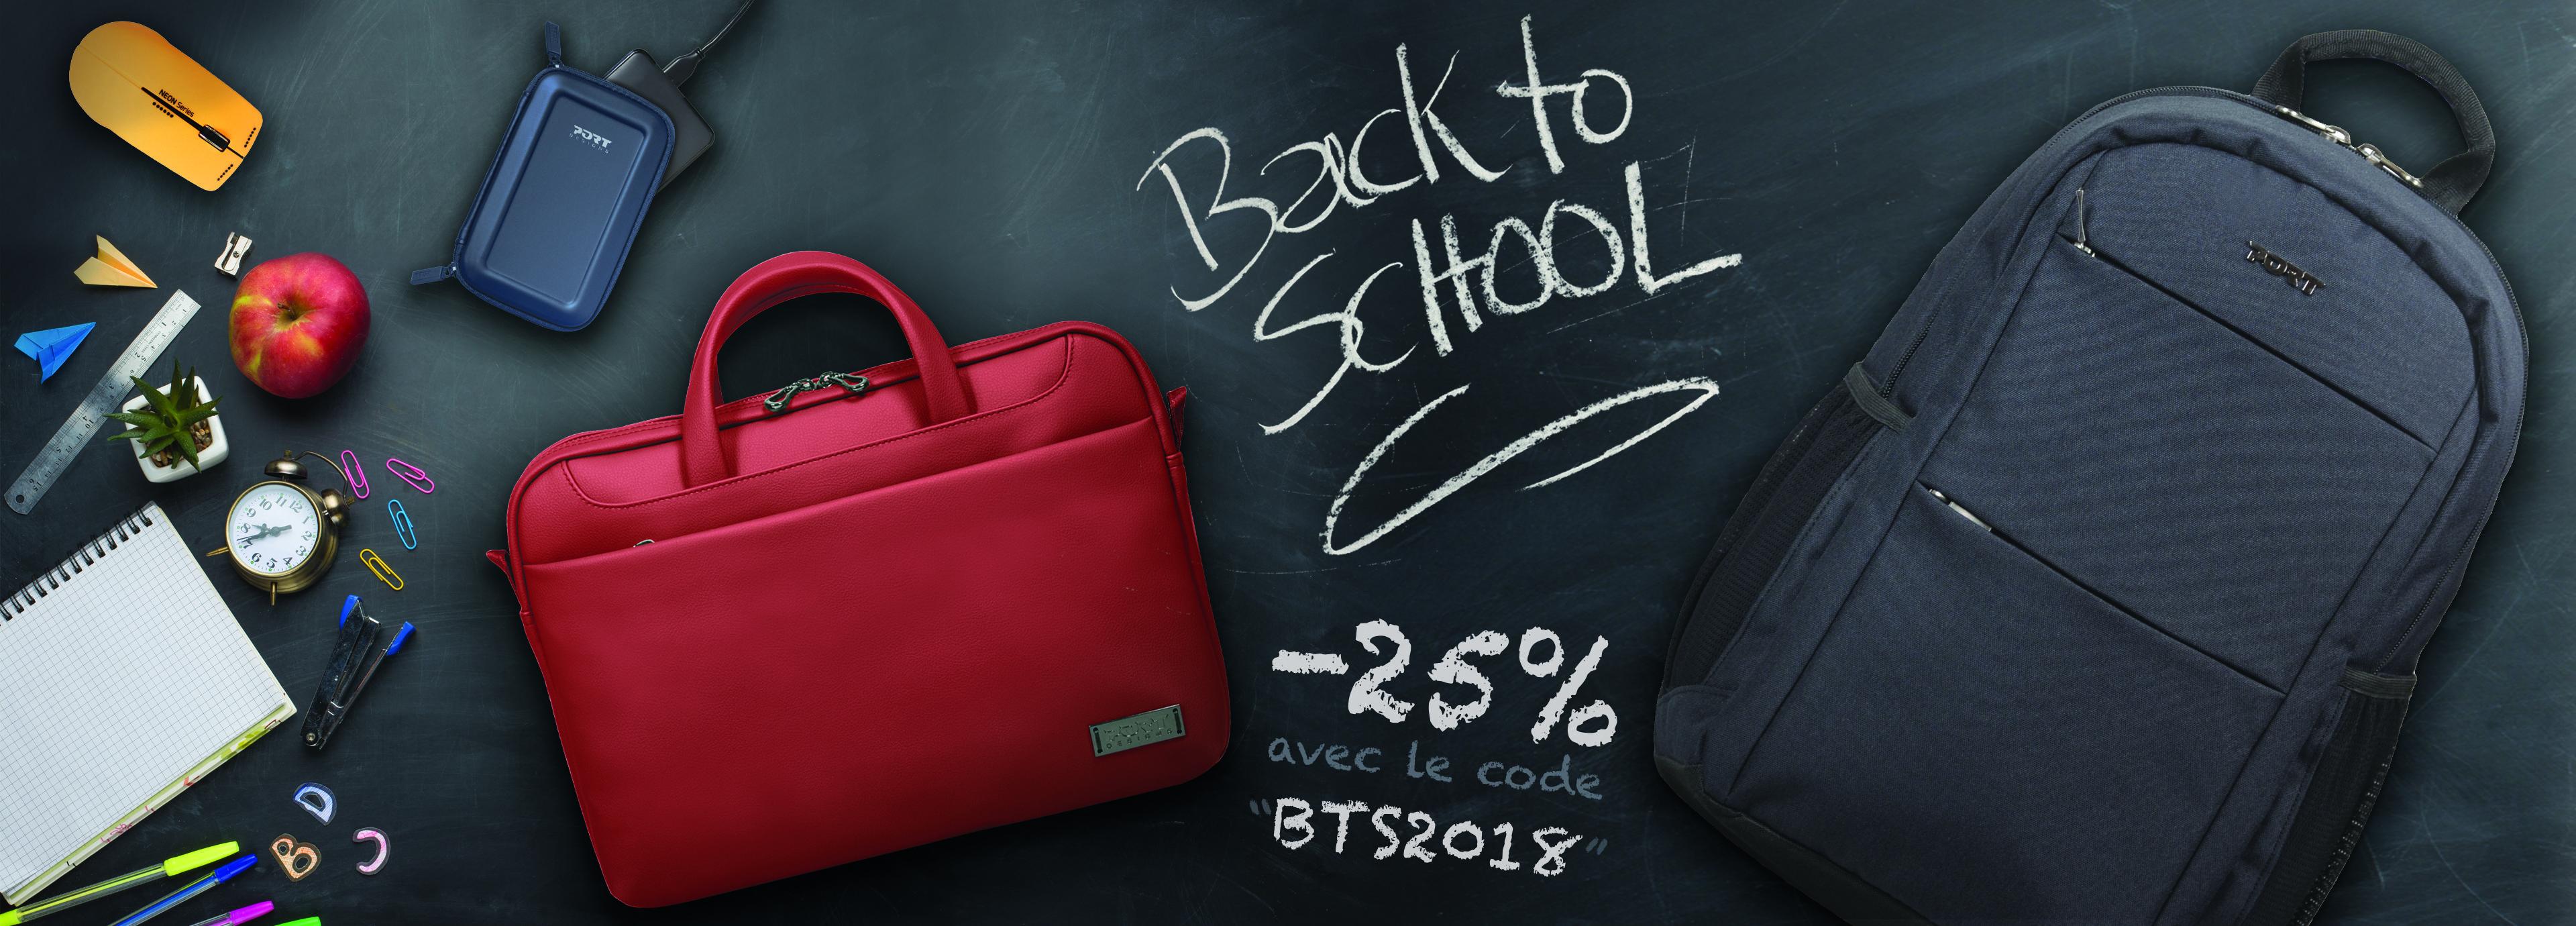 BACK TO SCHOOL -25% avec le code BTS2018